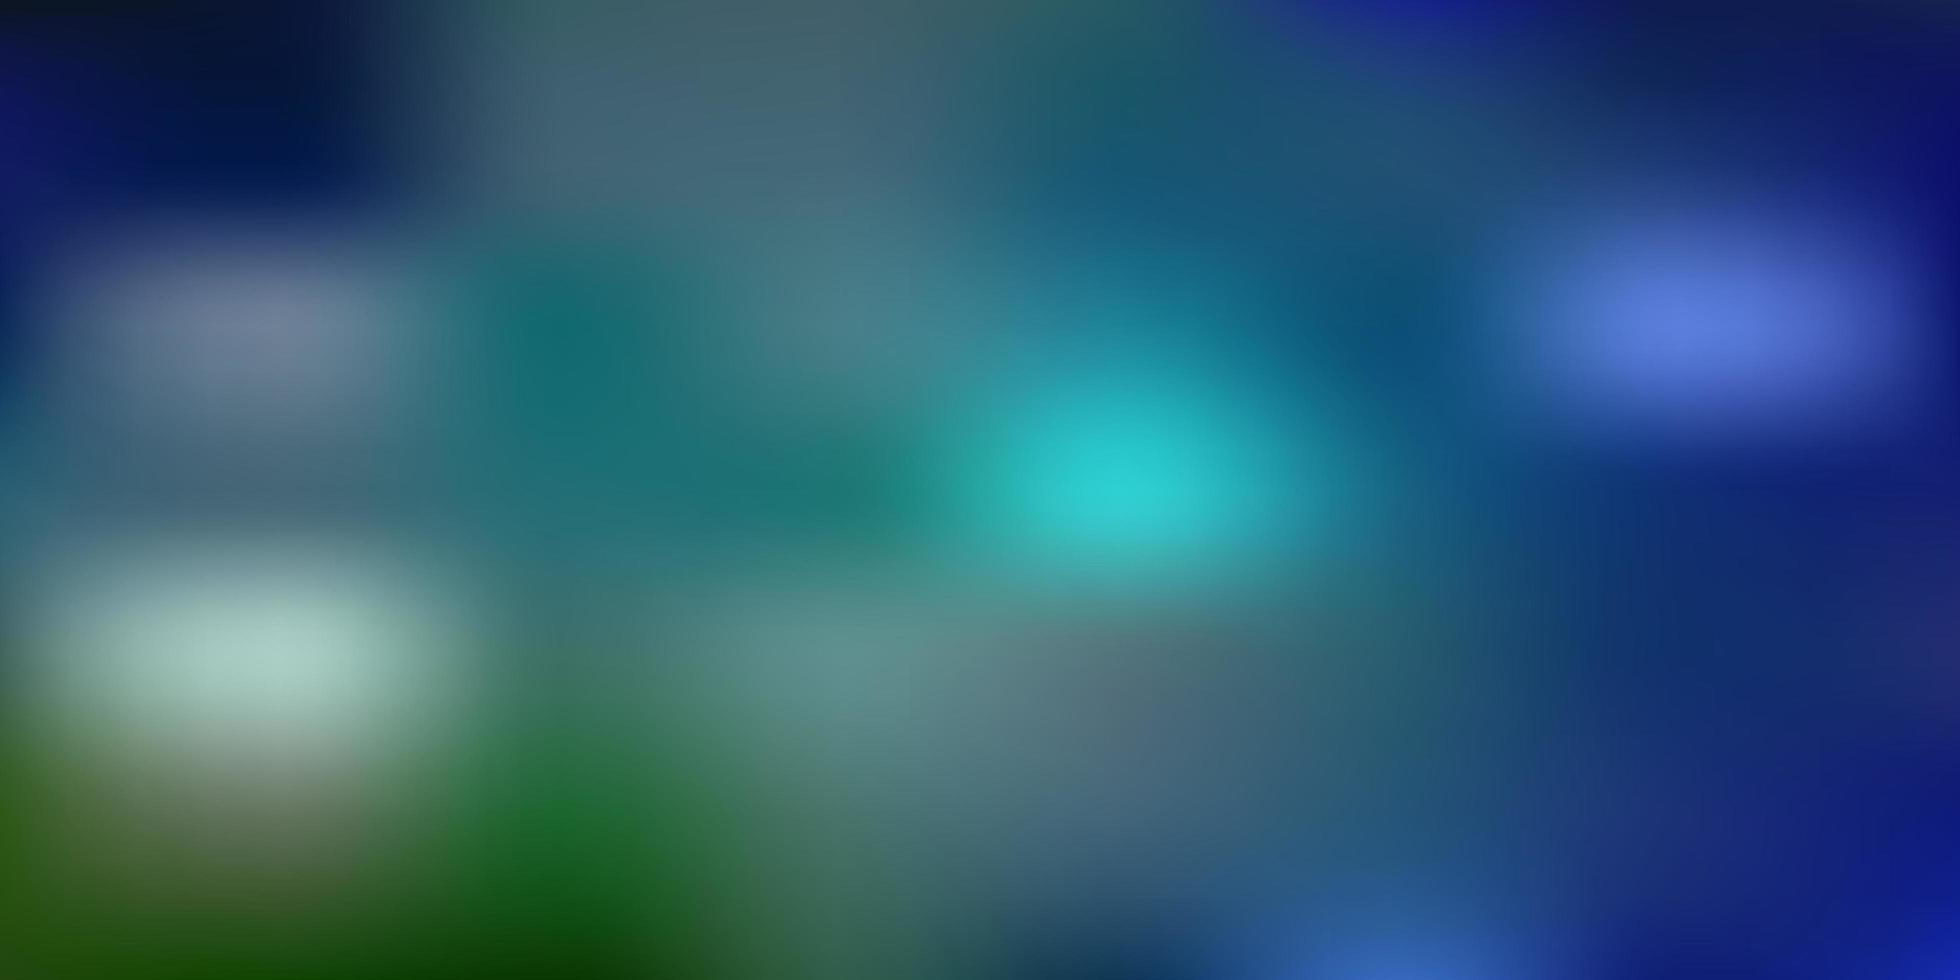 ljusblå, grön vektor abstrakt oskärpa bakgrund.